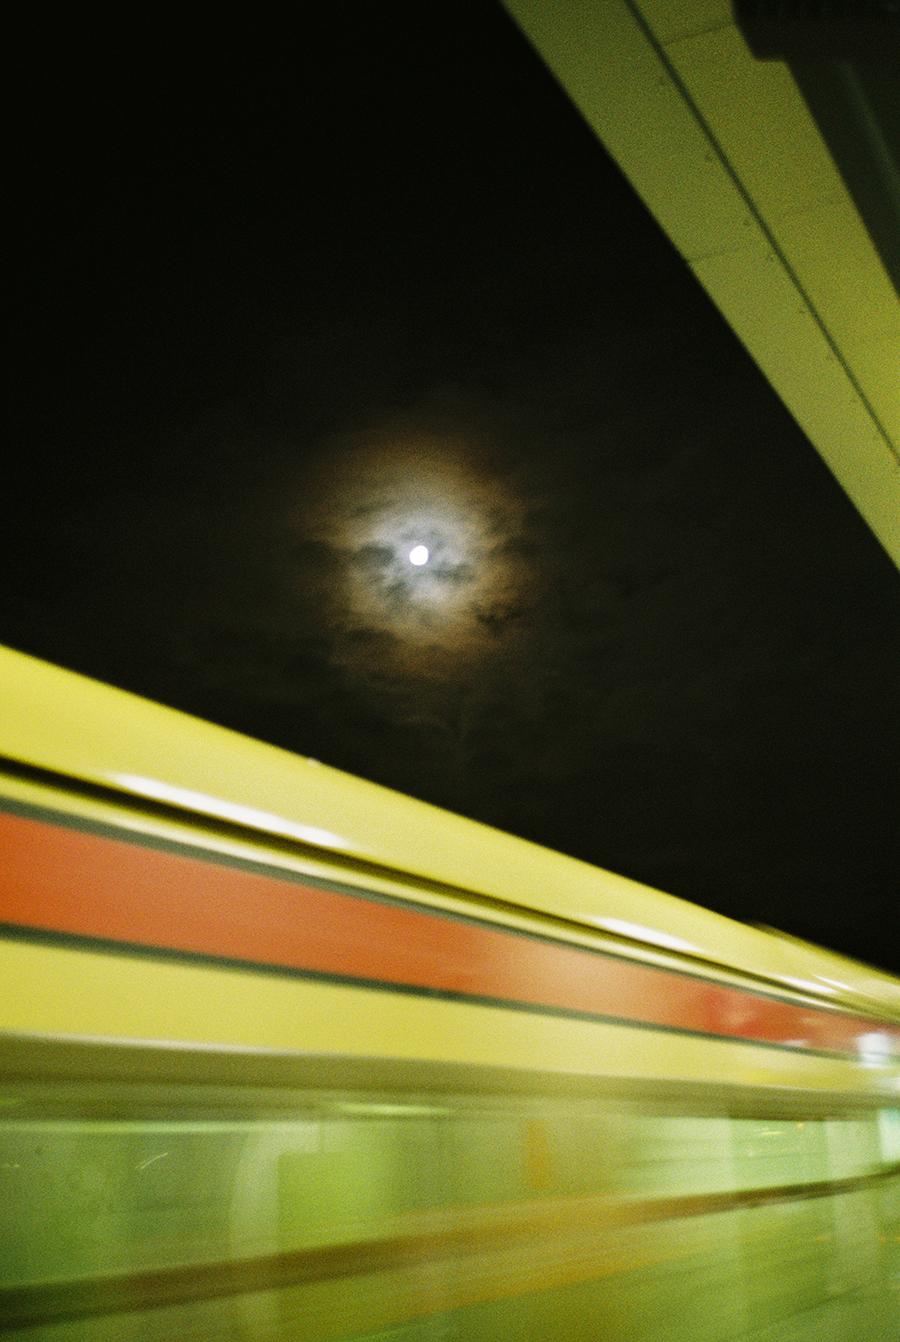 Moon on film